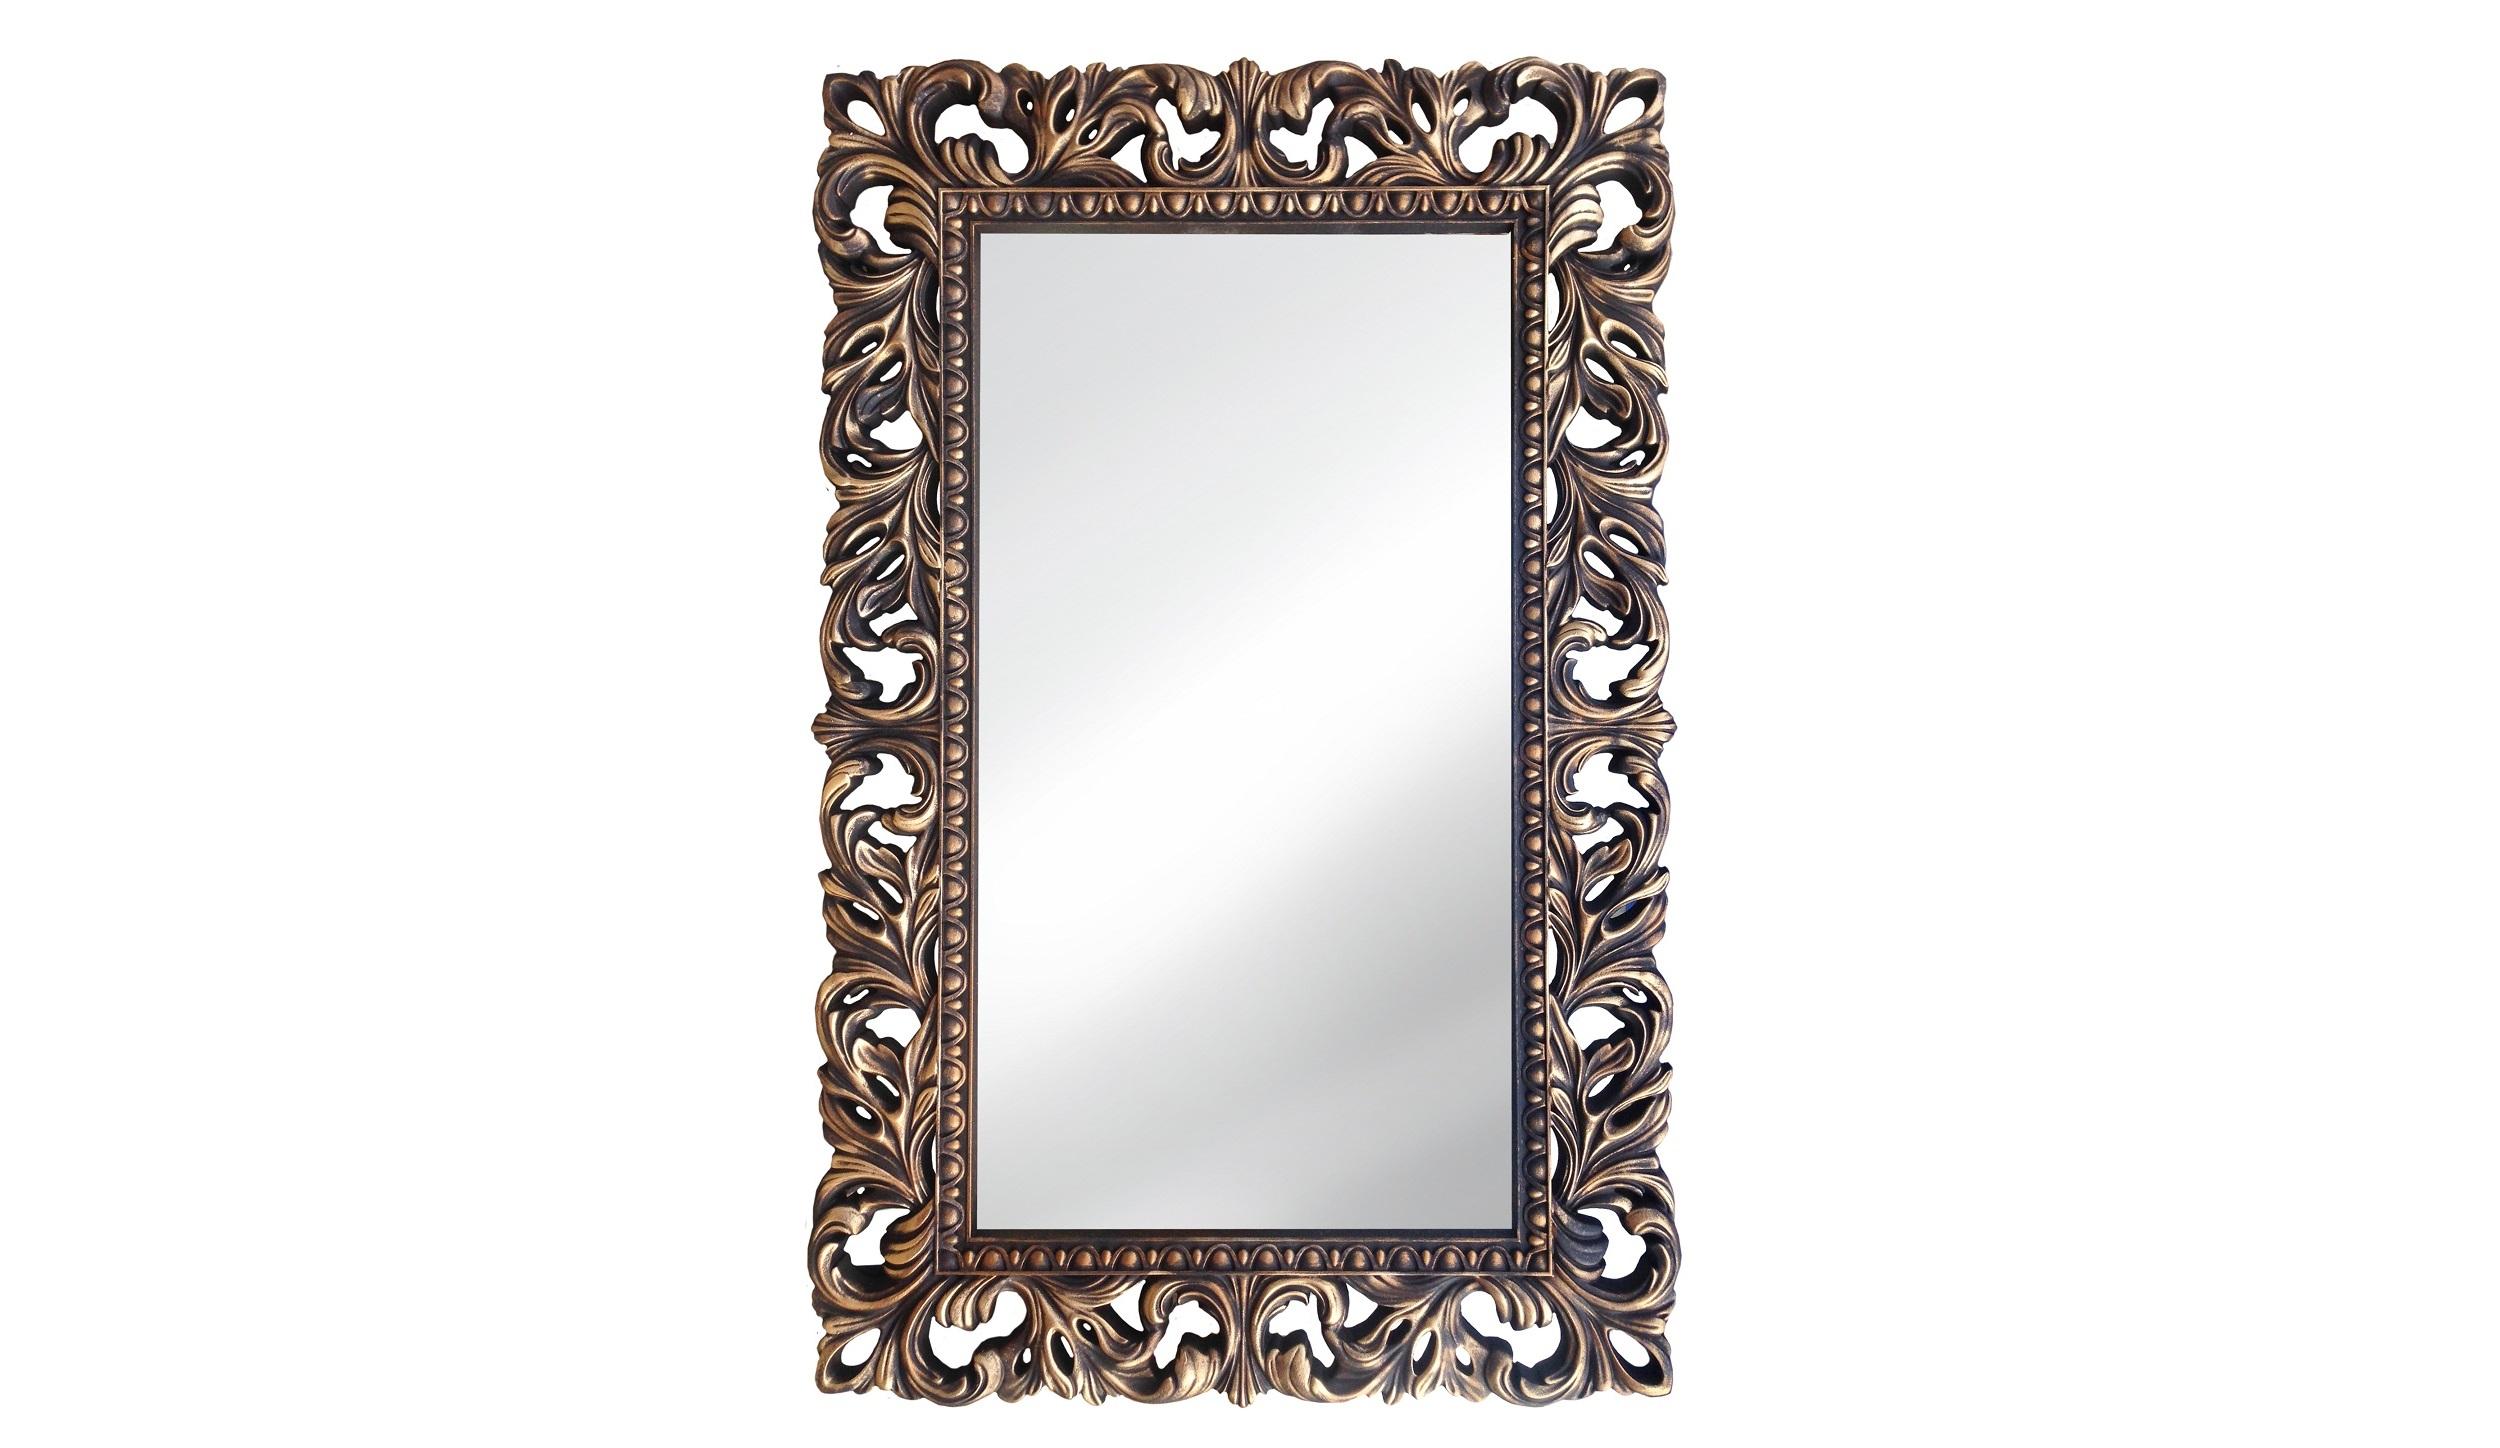 Винтажное Итальянское зеркалоНастенные зеркала<br>&amp;lt;div&amp;gt;Это необыкновенное дизайнерское зеркало имитирует старинные предметы интерьера, украшавшие дворцы и усадьбы по всей Европе. Сложная резная рама изготовлена вручную опытными мастерами. В качестве материала используется полиуретан ? современный композитный материал высокой прочности. Ему нипочем вода, пар и даже само время. Лакокрасочное покрытие не выгорает и не теряет своих свойств даже годы спустя.&amp;lt;/div&amp;gt;&amp;lt;div&amp;gt;&amp;lt;br&amp;gt;&amp;lt;/div&amp;gt;&amp;lt;div&amp;gt;Исполнение:&amp;amp;nbsp;Венге Золото&amp;lt;/div&amp;gt;<br><br>Material: Полиуретан<br>Length см: None<br>Width см: 75<br>Depth см: 4<br>Height см: 115